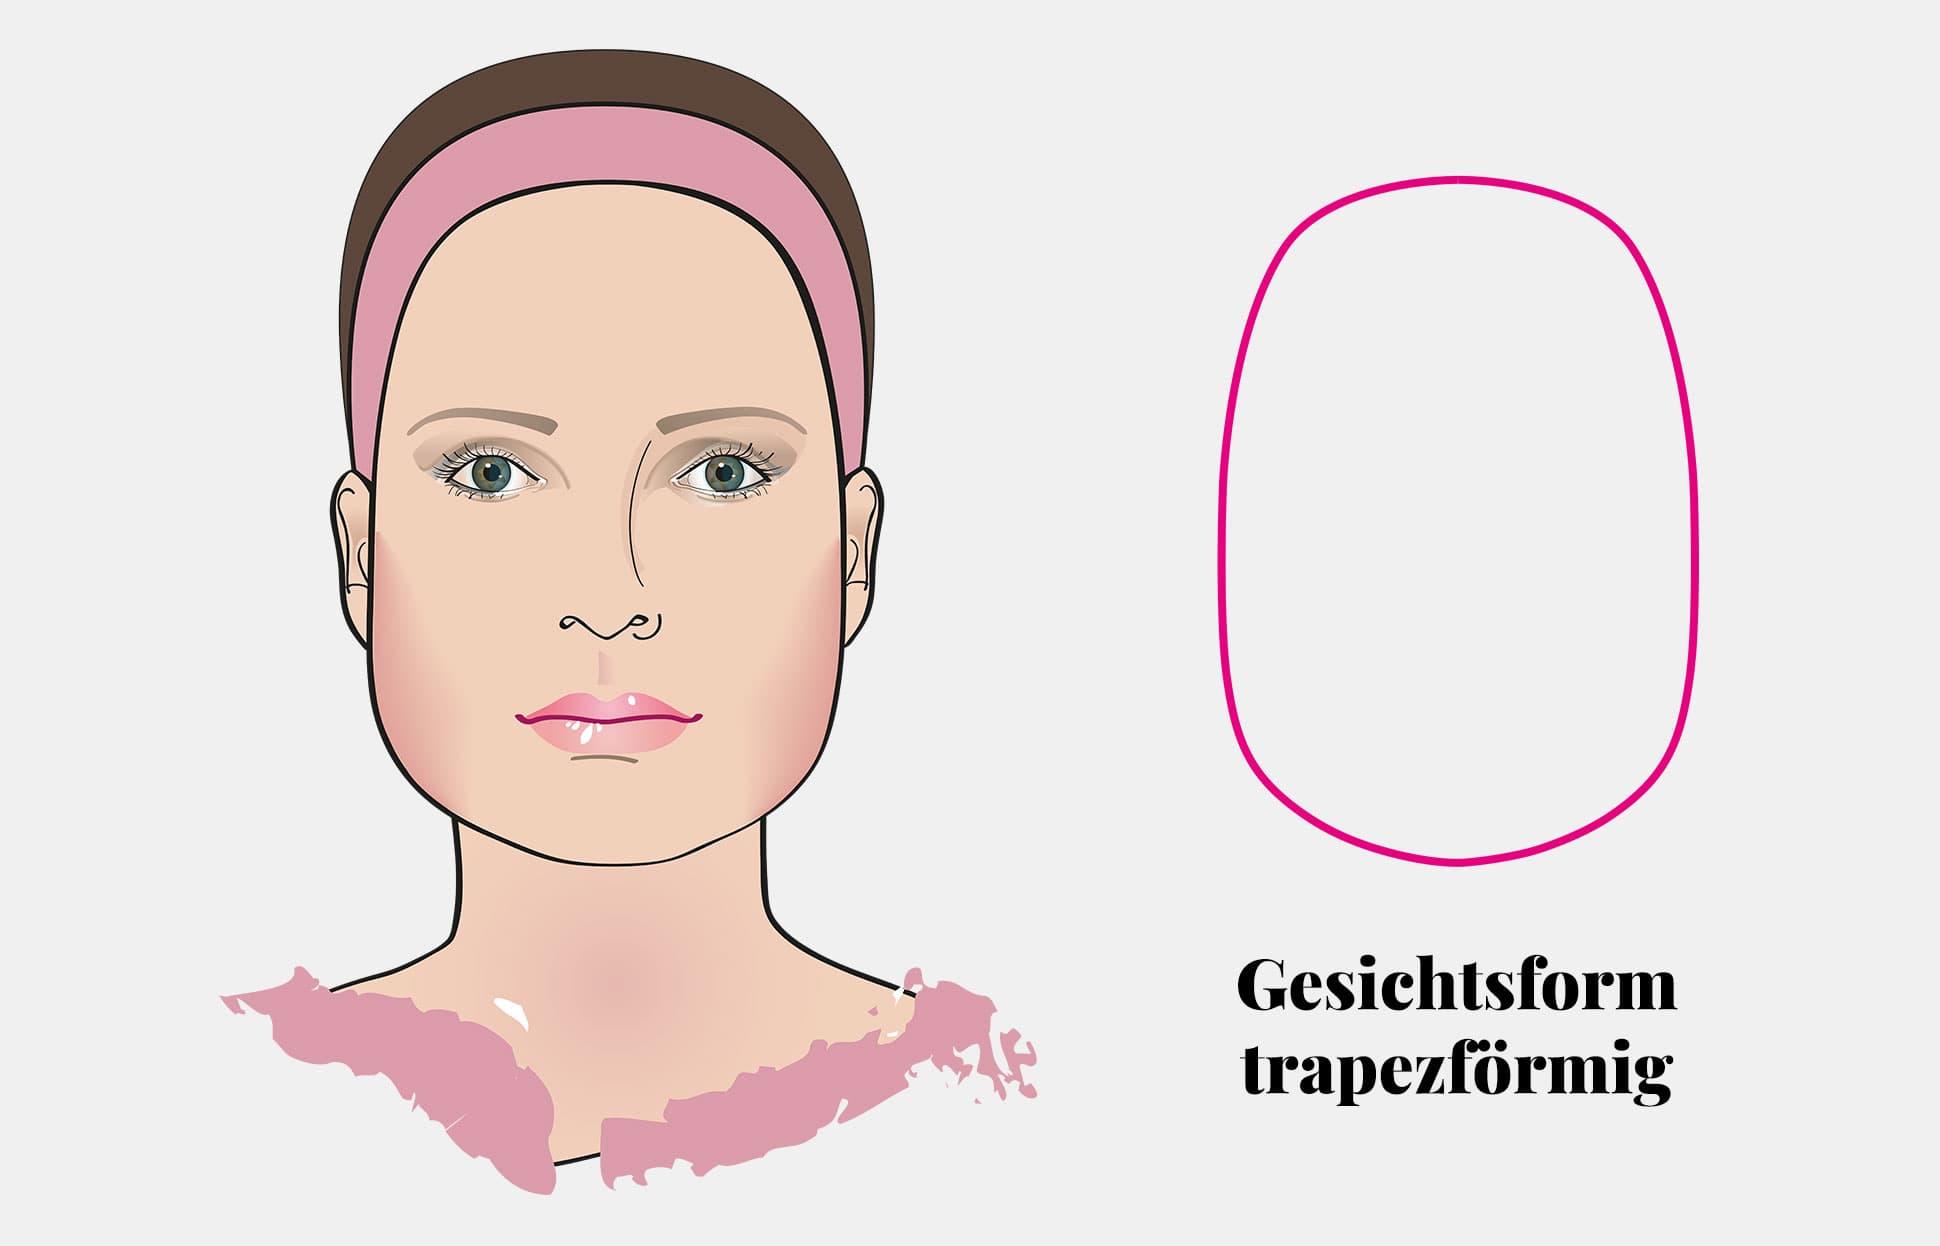 Gesichtsform Trapezformiges Gesicht Brillenstyling